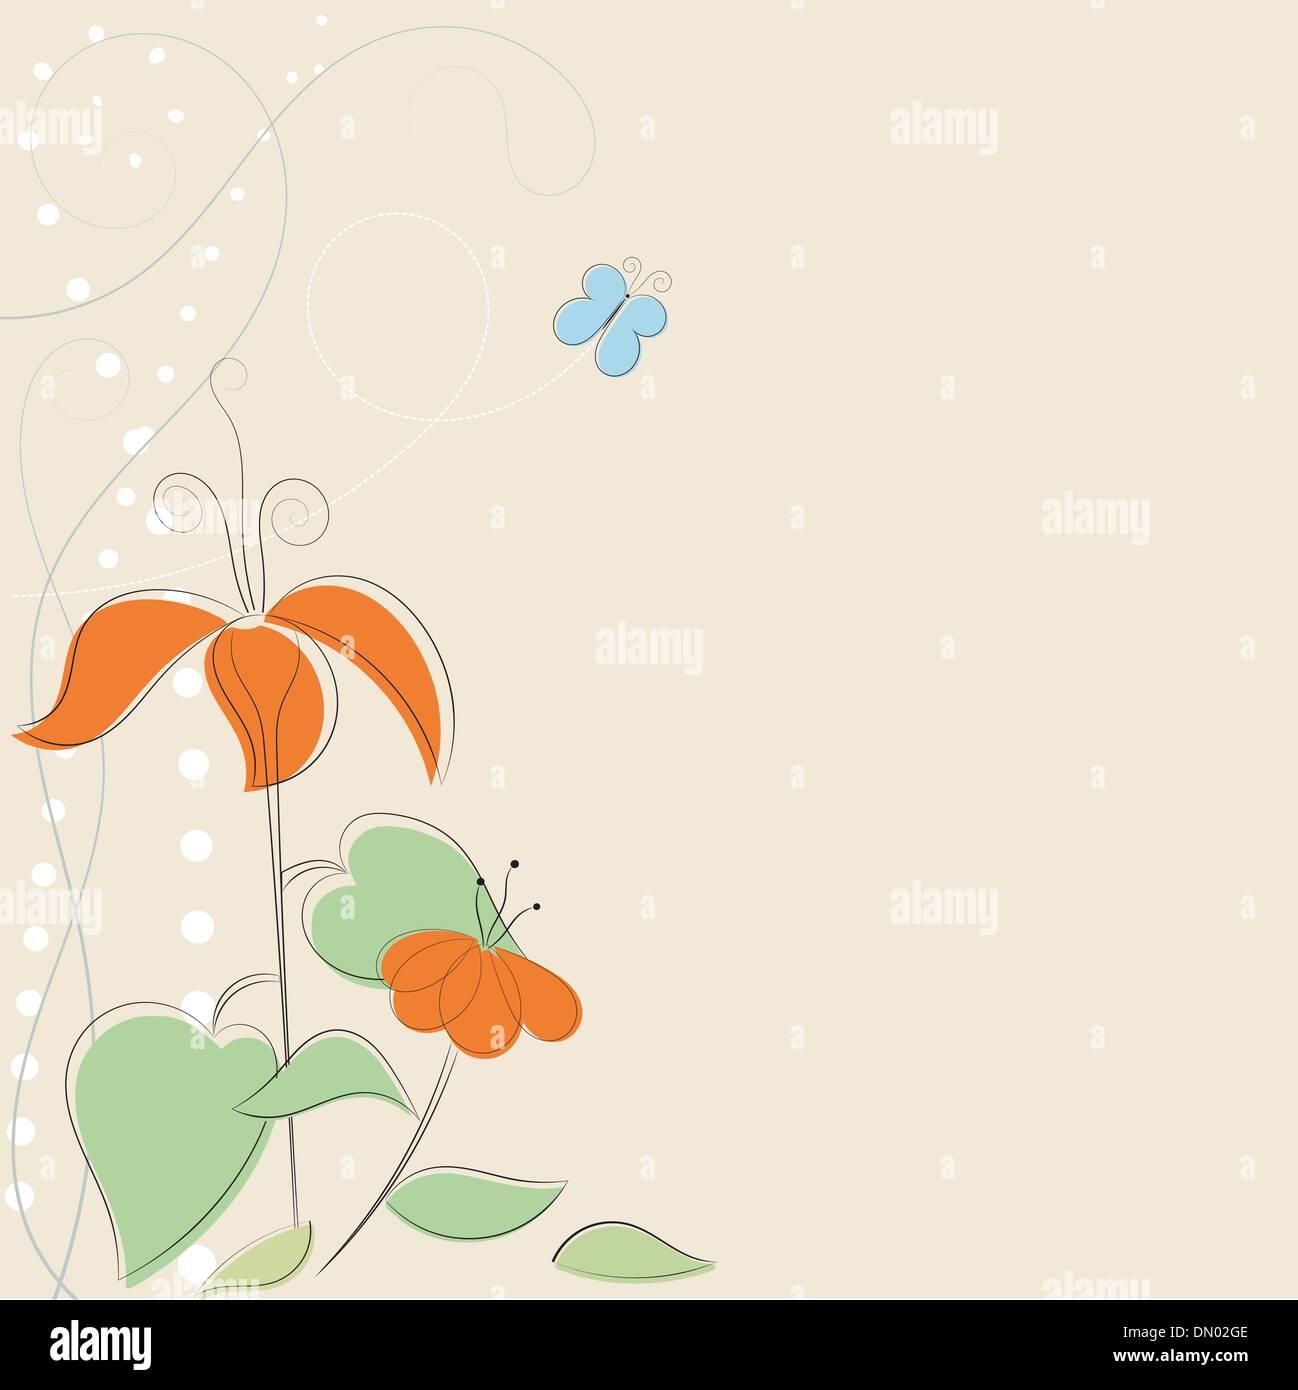 Sfondo Con Fiori Stilizzati E Butterfly Eps10 Illustrazione